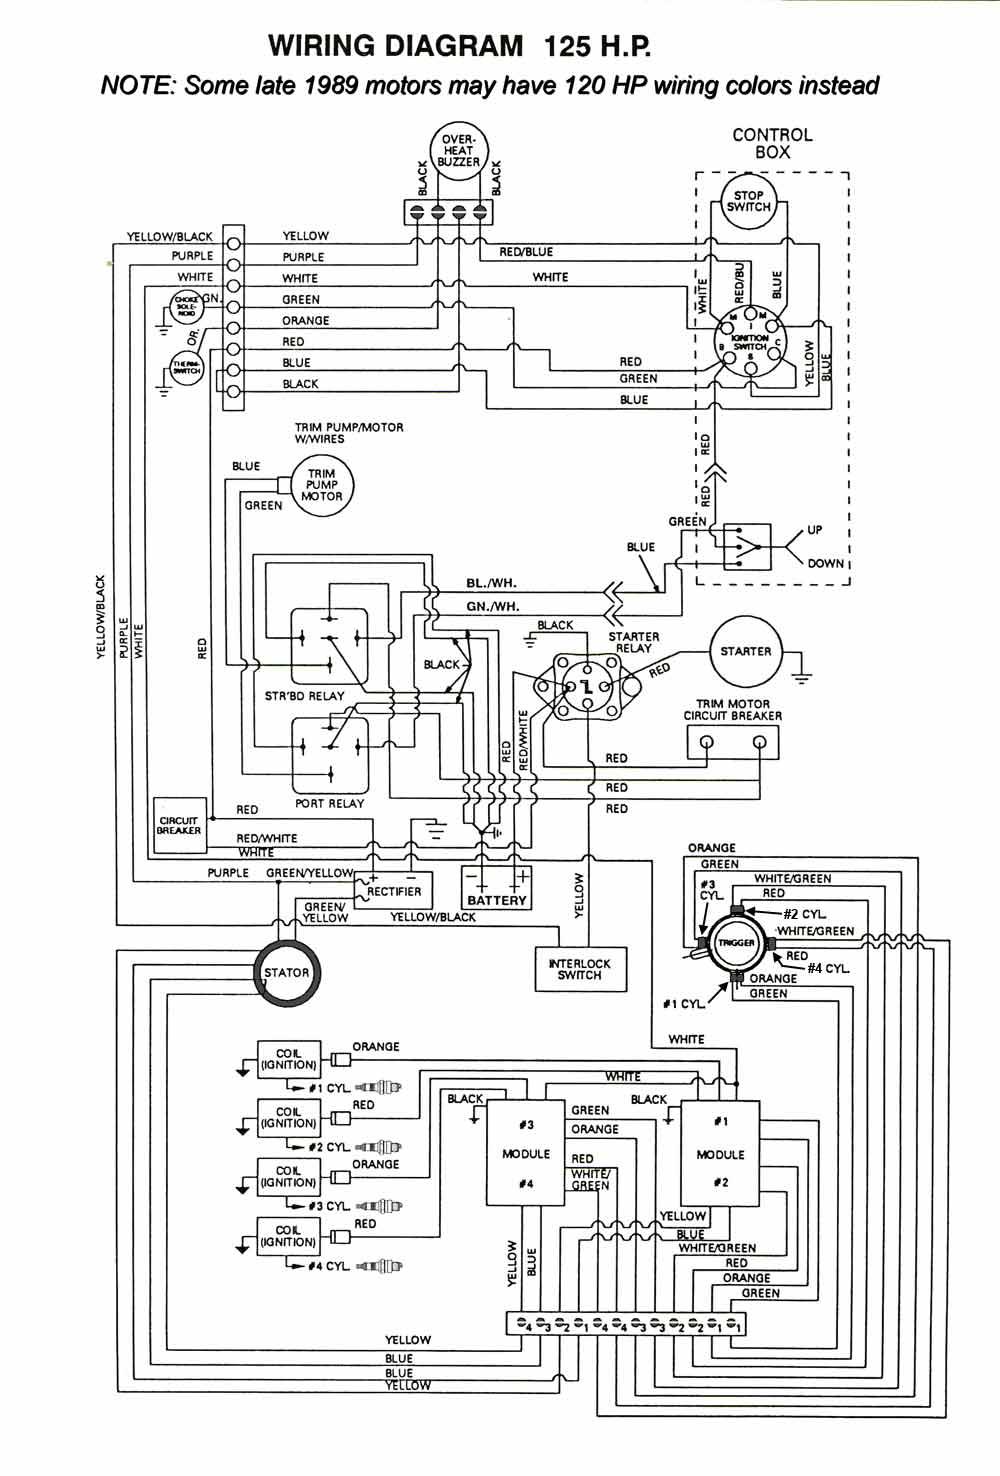 ignition 4 cyl force wiring mercury marine ignition 4 cyl force 85Hp Force Outboard Wiring Diagram